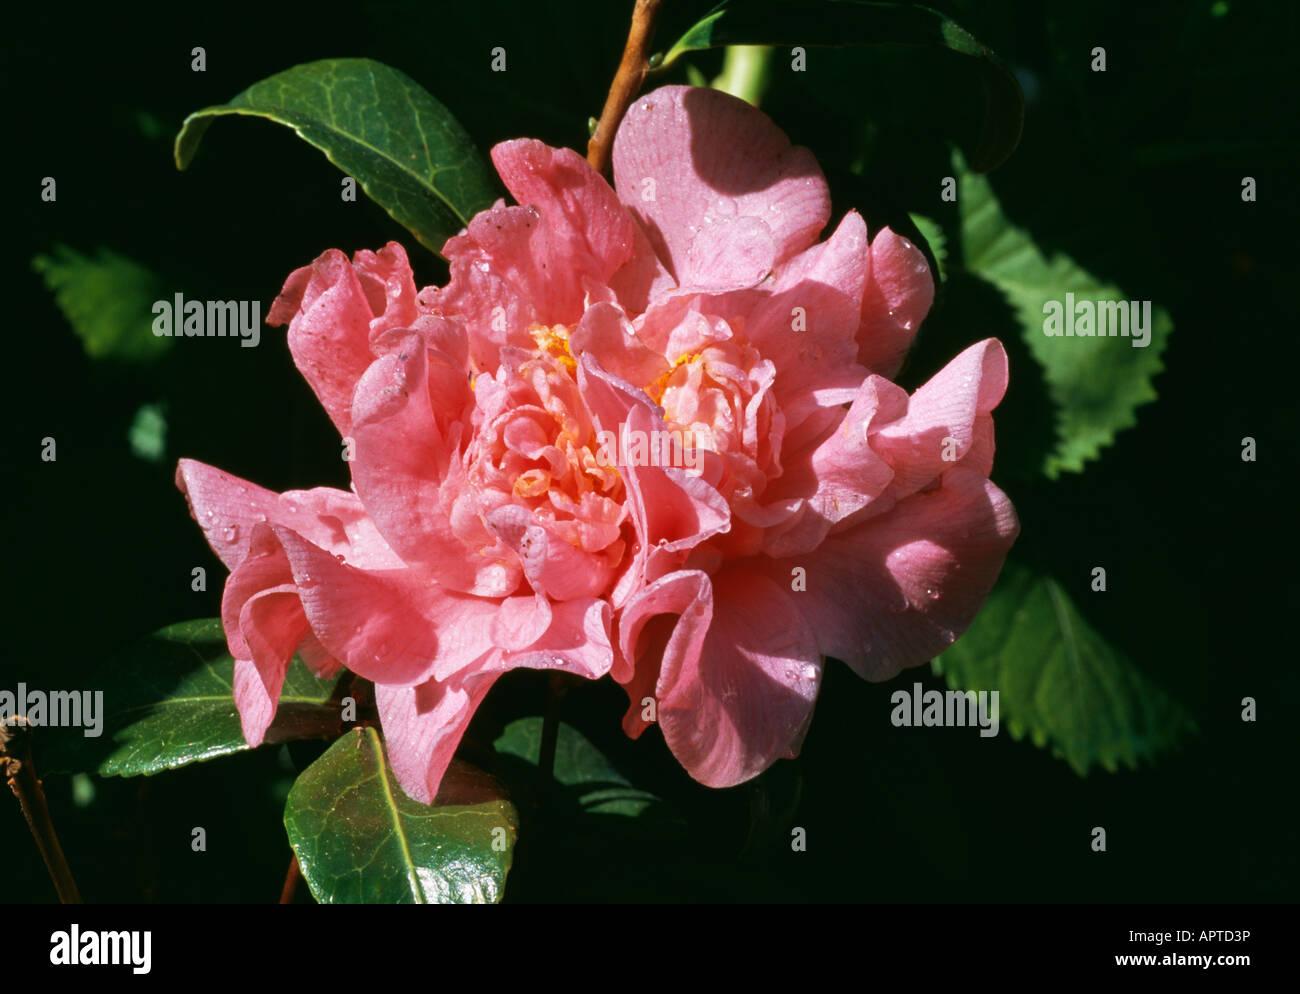 Kamelie Pfirsich-Rosa Rüschen-Regen Tropfen verdampfen unter Sonnenstrahlen Stockbild